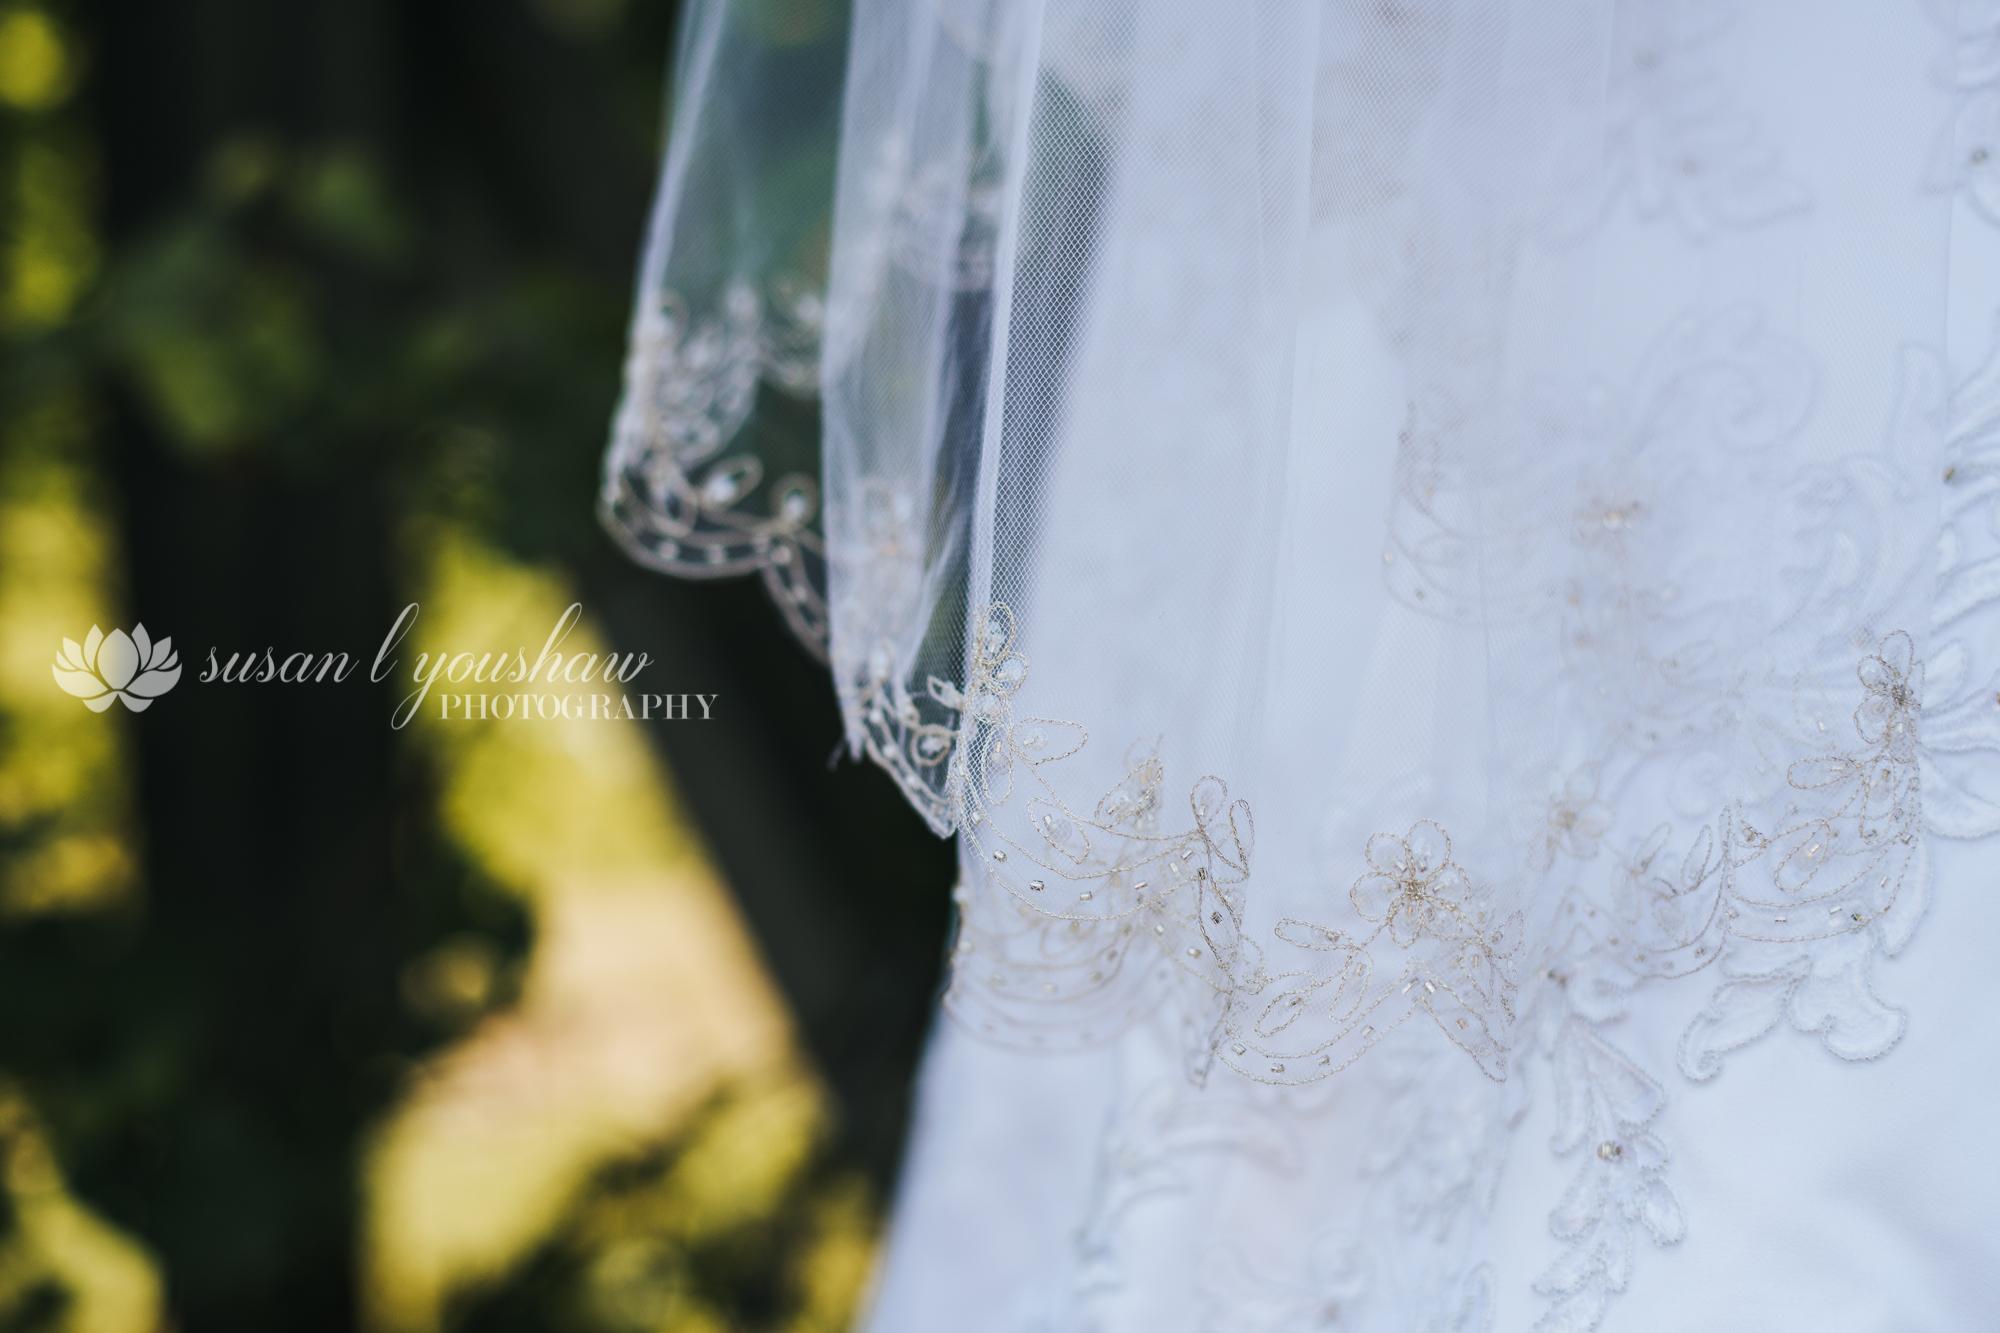 Erin and Jason Wedding Photos 07-06-2019 SLY Photography-13.jpg